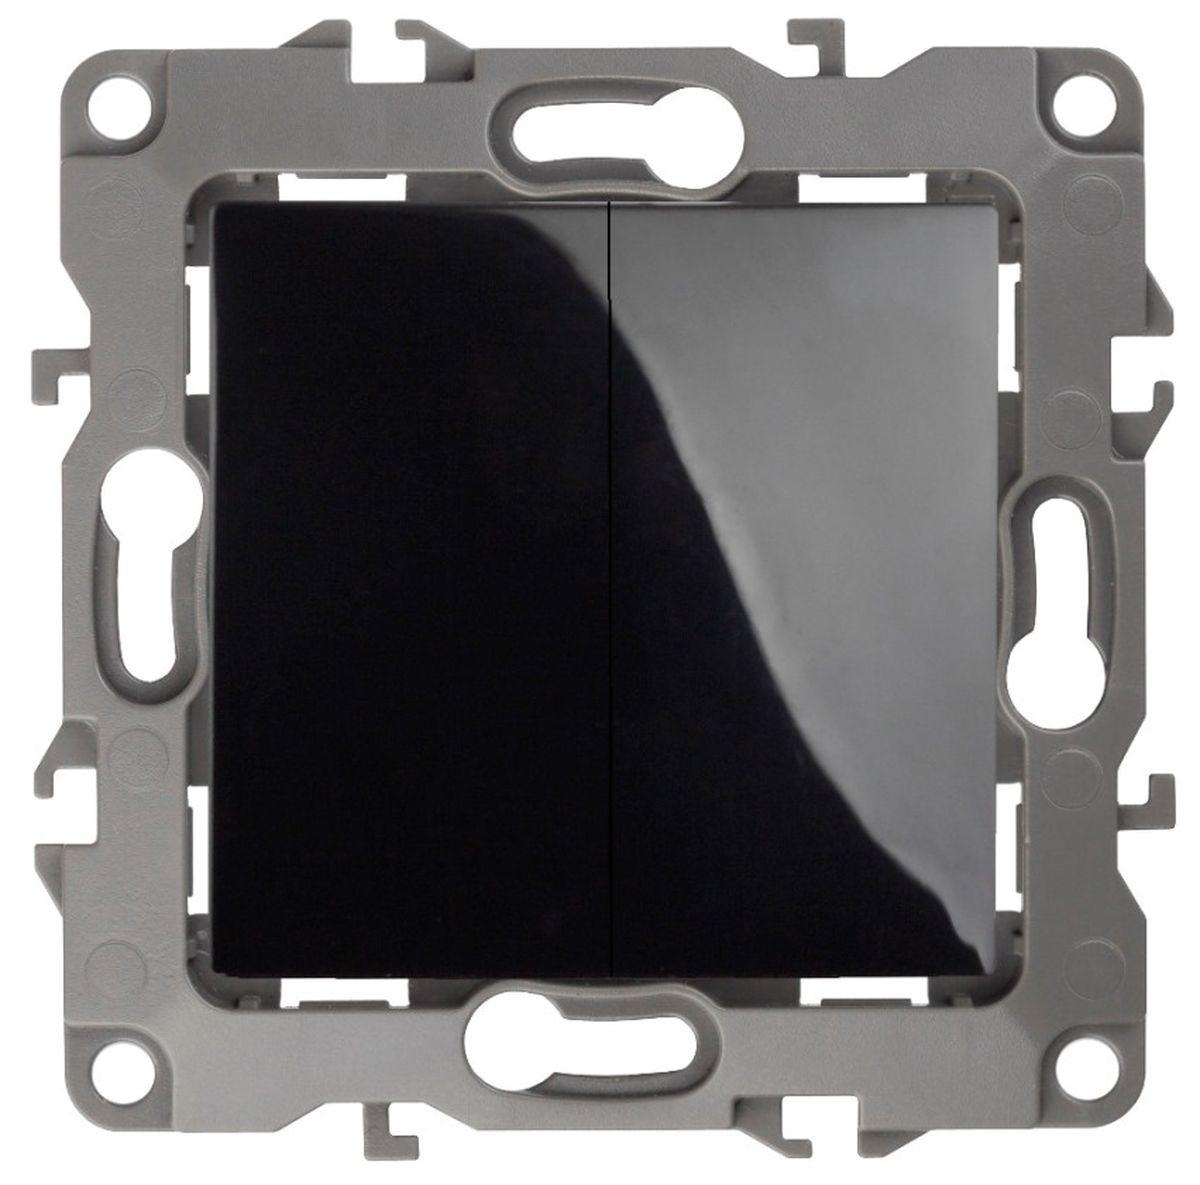 Выключатель ЭРА, двойной, цвет: черный, серый. 12-100412-1004-06Двойной выключатель ЭРА выполнен из прочного пластика, контакты бронзовые. Изделие просто в установке, надежно в эксплуатации. Выключатель имеет специальные фиксаторы, которые не дают ему смещаться как при монтаже, так и в процессе эксплуатации. Автоматические зажимы кабеля обеспечивают быстрый и надежный монтаж изделия к электросети без отвертки и не требуют обслуживания в отличие от винтовых зажимов. УВАЖАЕМЫЕ КЛИЕНТЫ! Обращаем ваше внимание на тот факт, что монтажные лапки в комплект не входят.